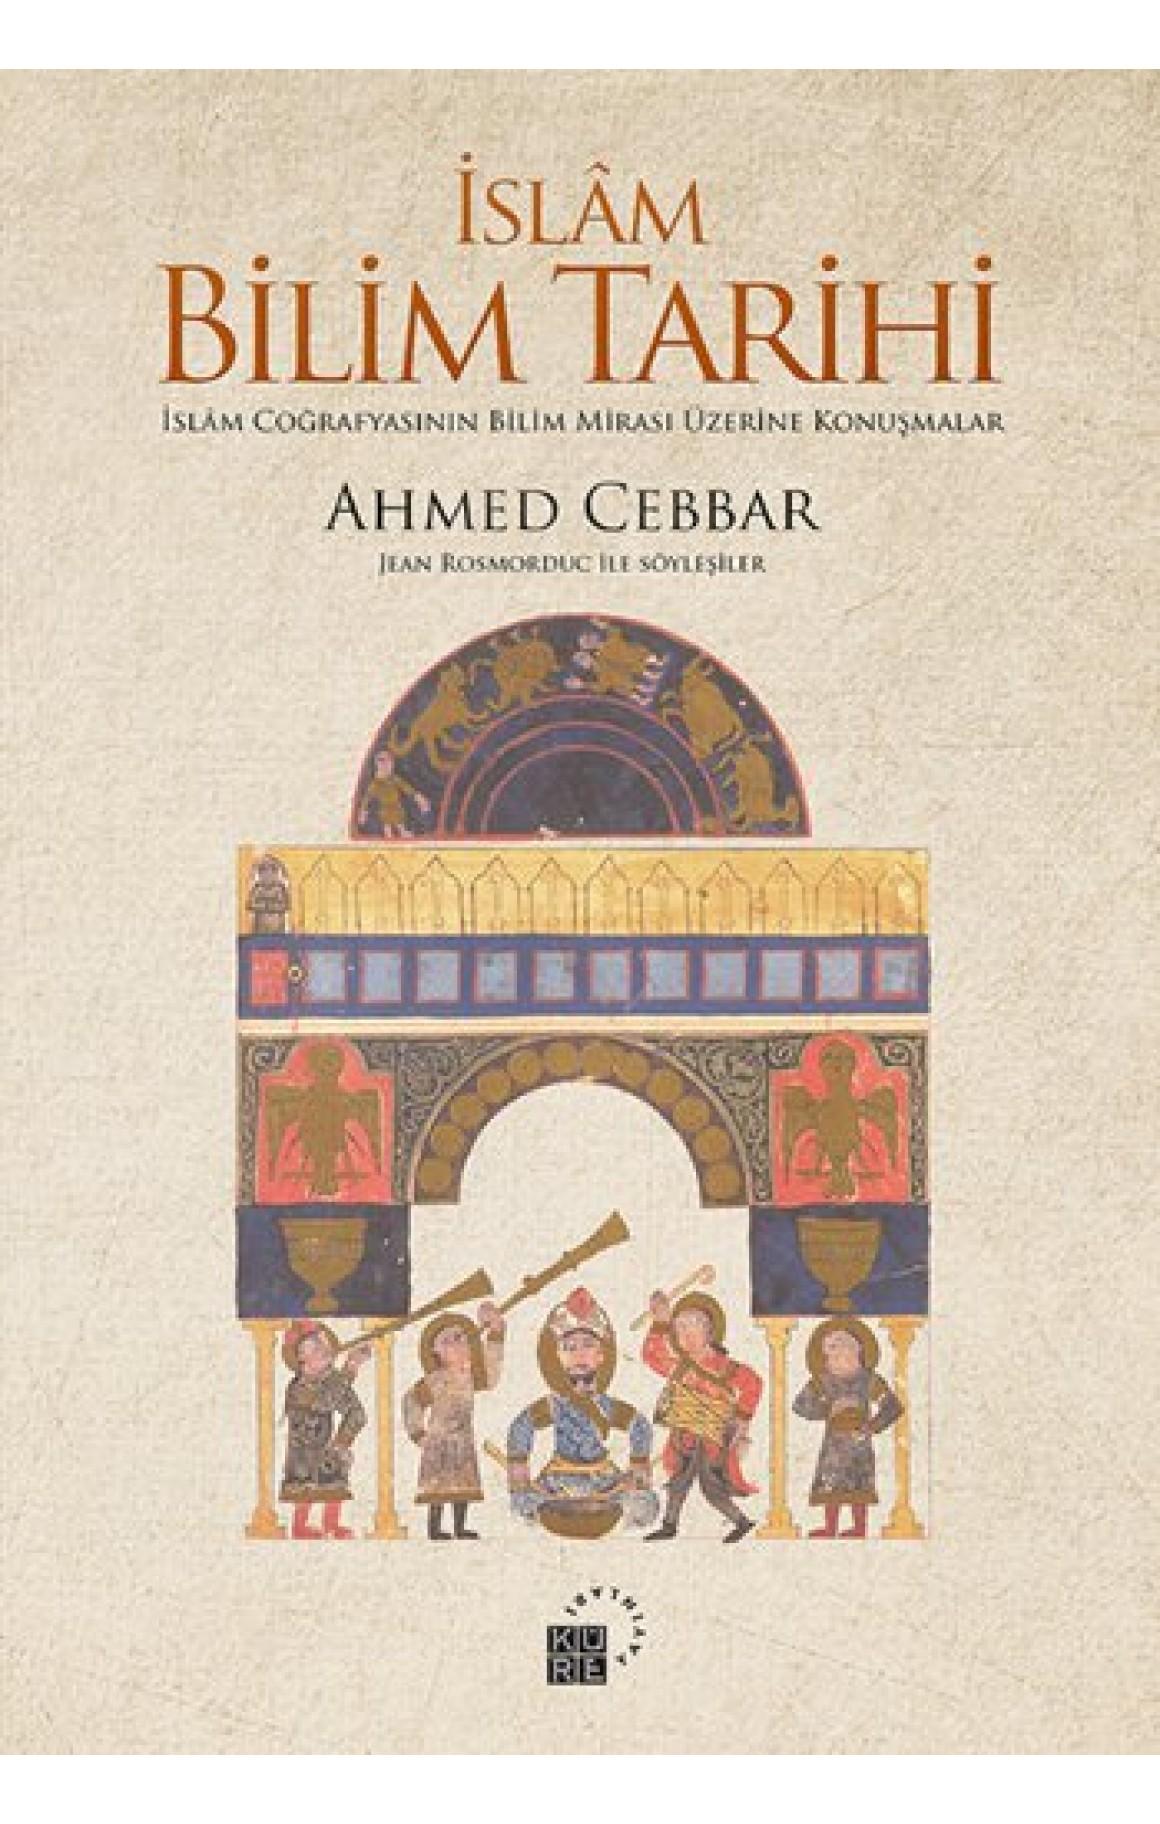 İslam Bilim Tarihi - İslam Coğrafyasının Bilim Mirası Üzerine Konuşmalar